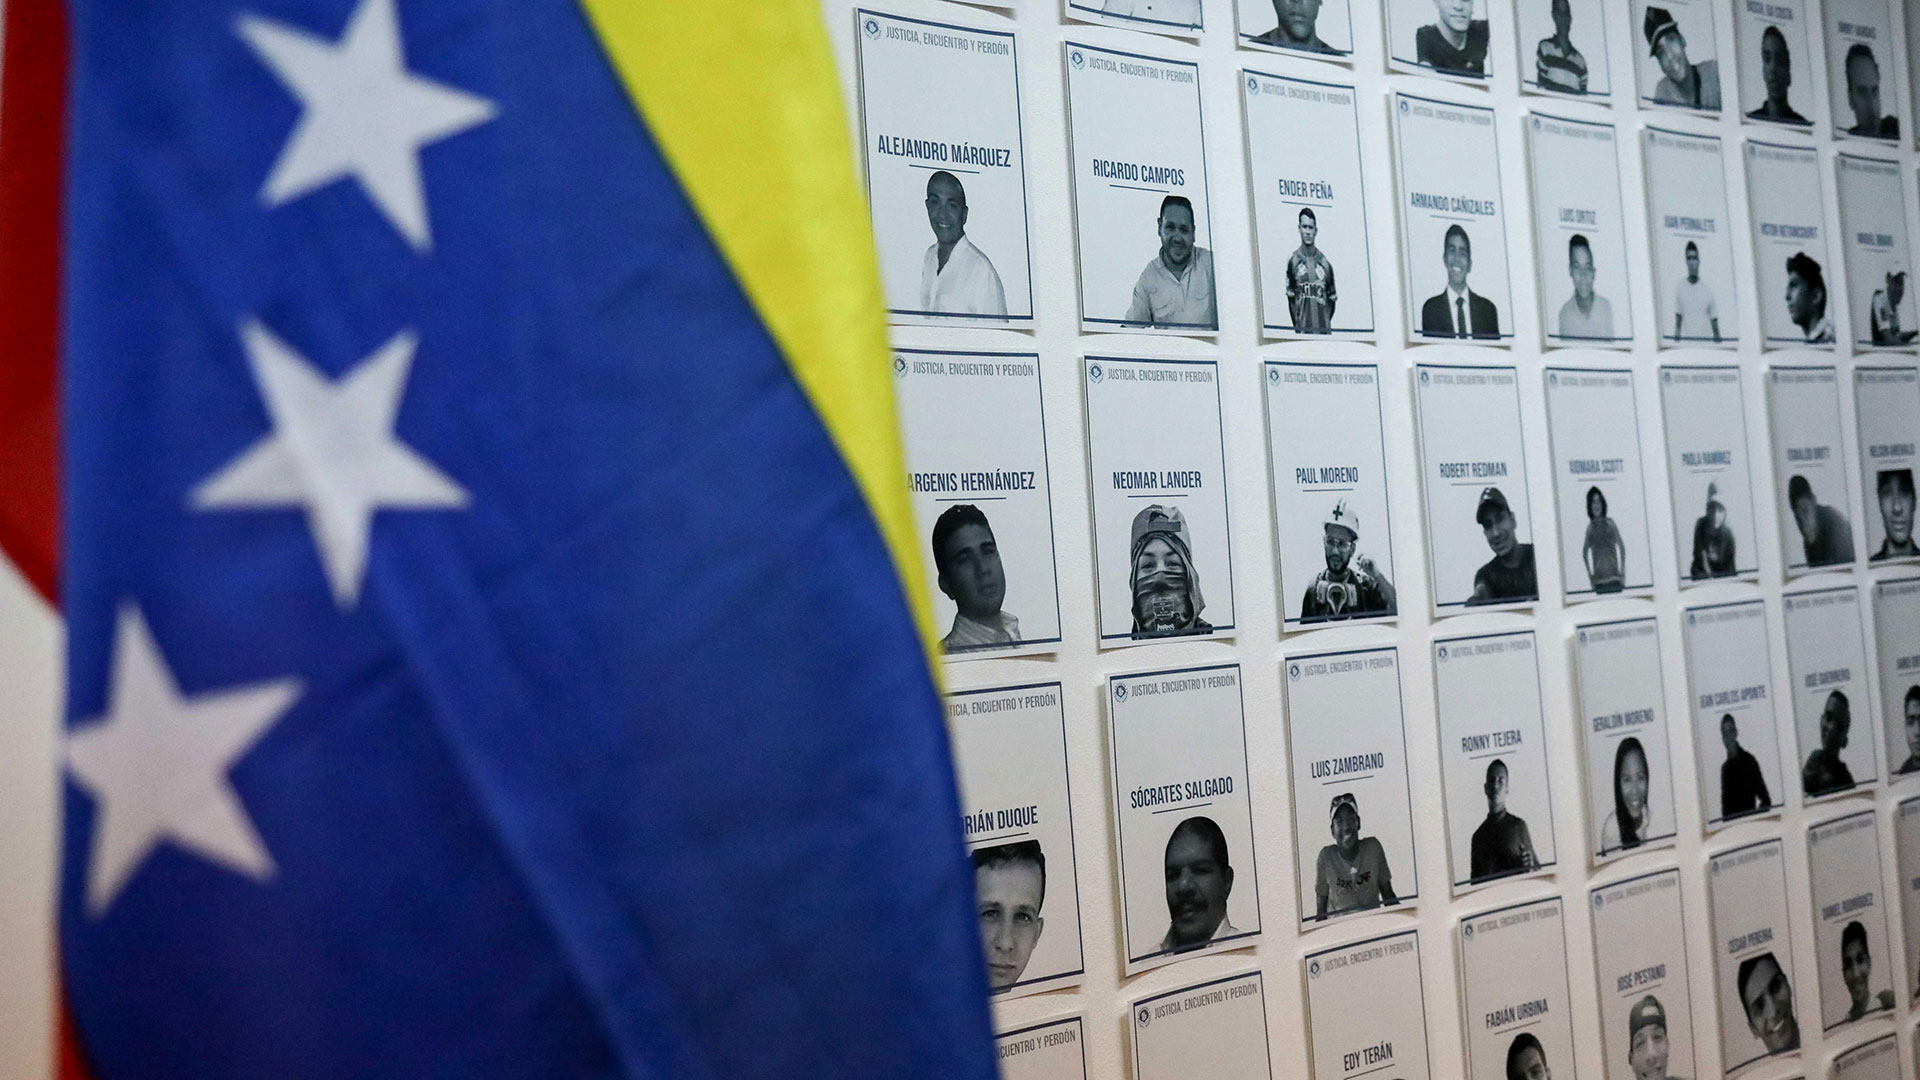 La exposición sobre torturas, asesinatos y presos políticos (EFE)